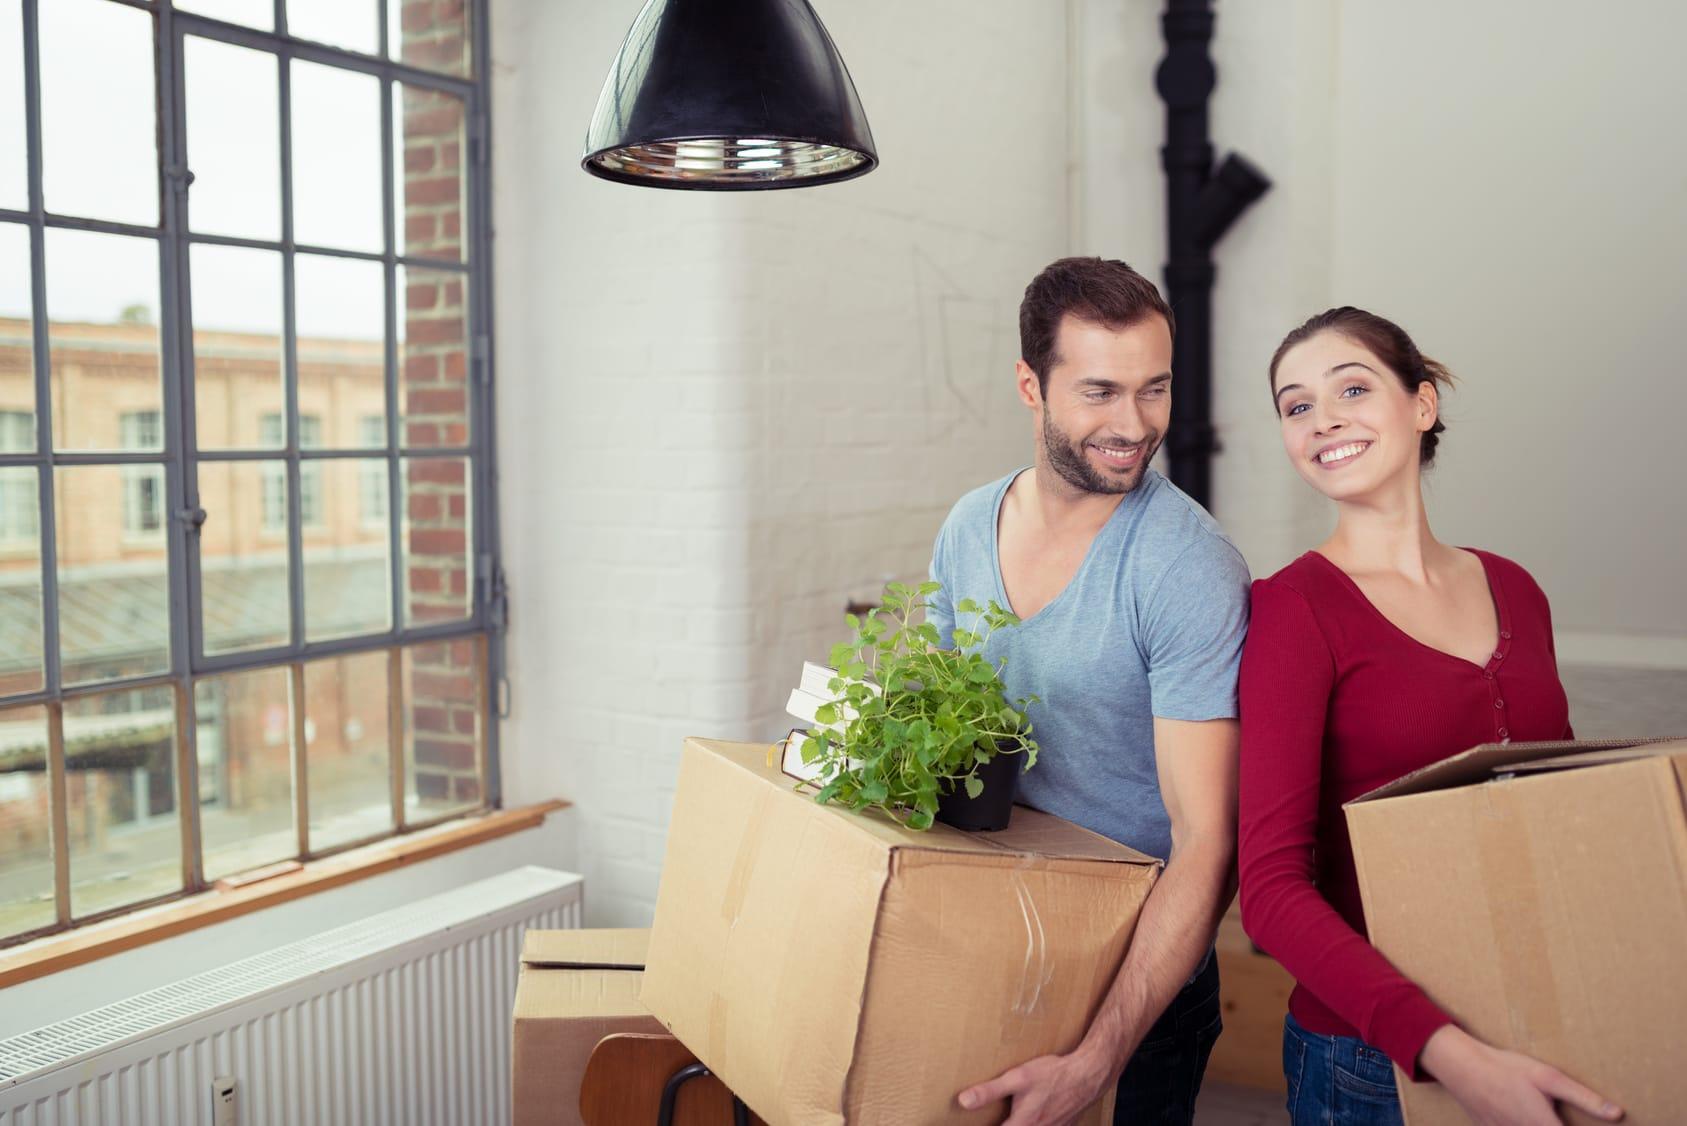 Einweihungsgeschenke 7 ideen zum einzug ins neue heim for Einweihungsgeschenk ideen